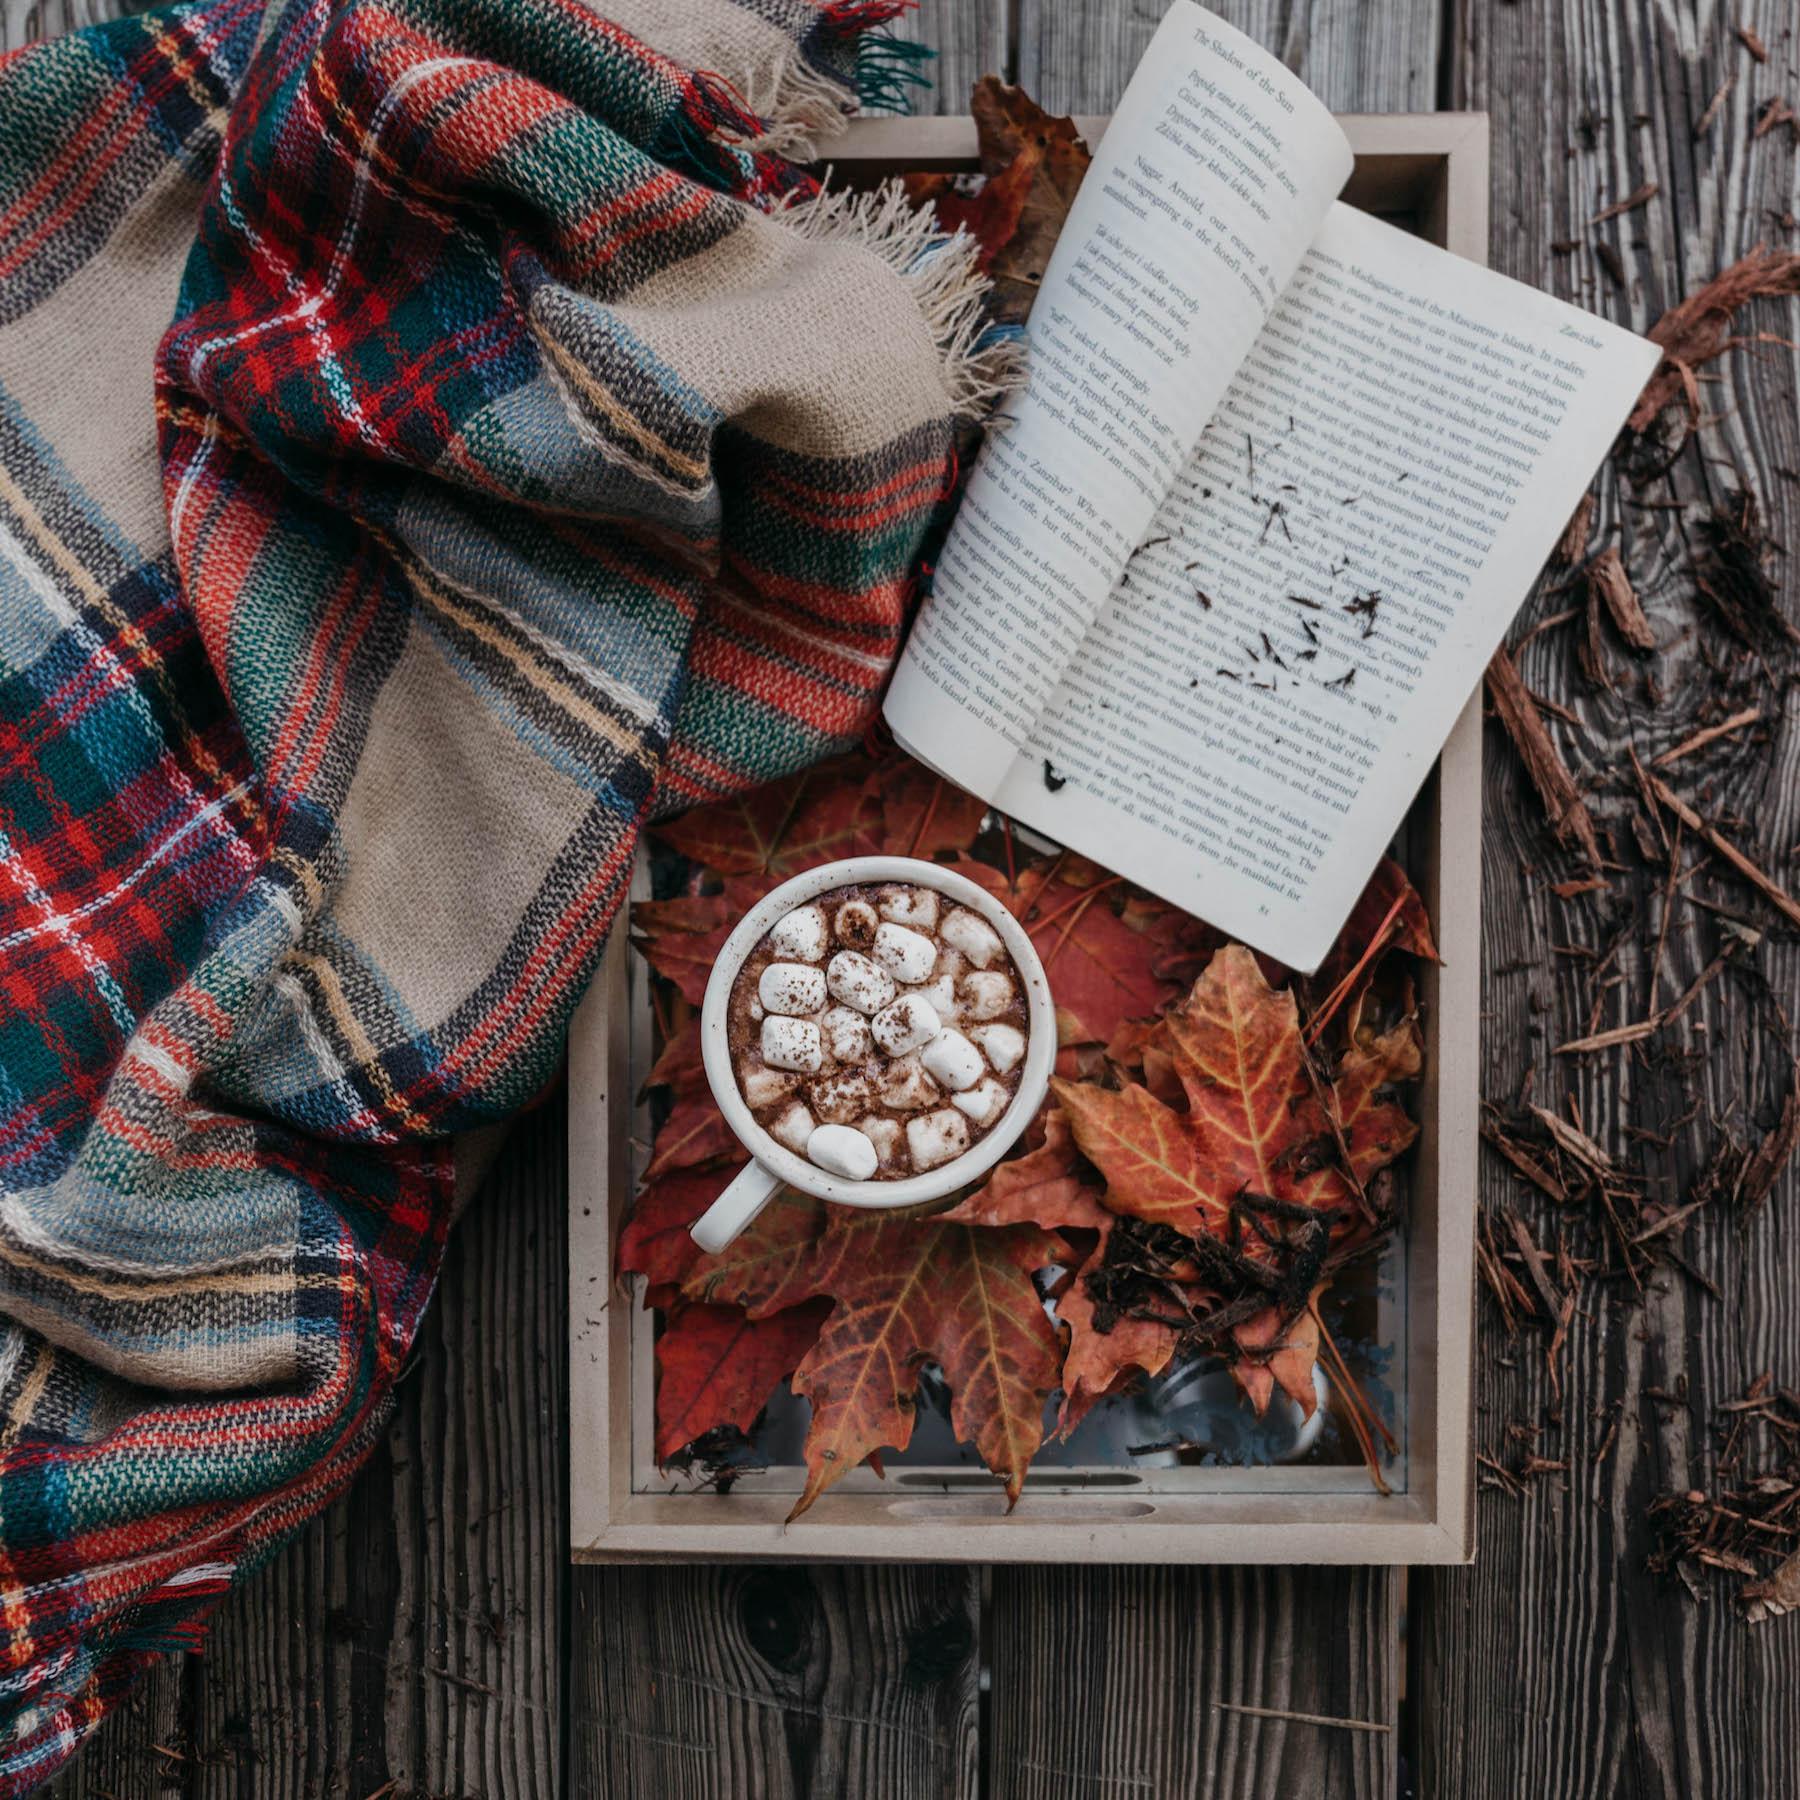 Herbst Suelovesnyc_dinge_auf_die_ich_mich_im_Herbst_freue